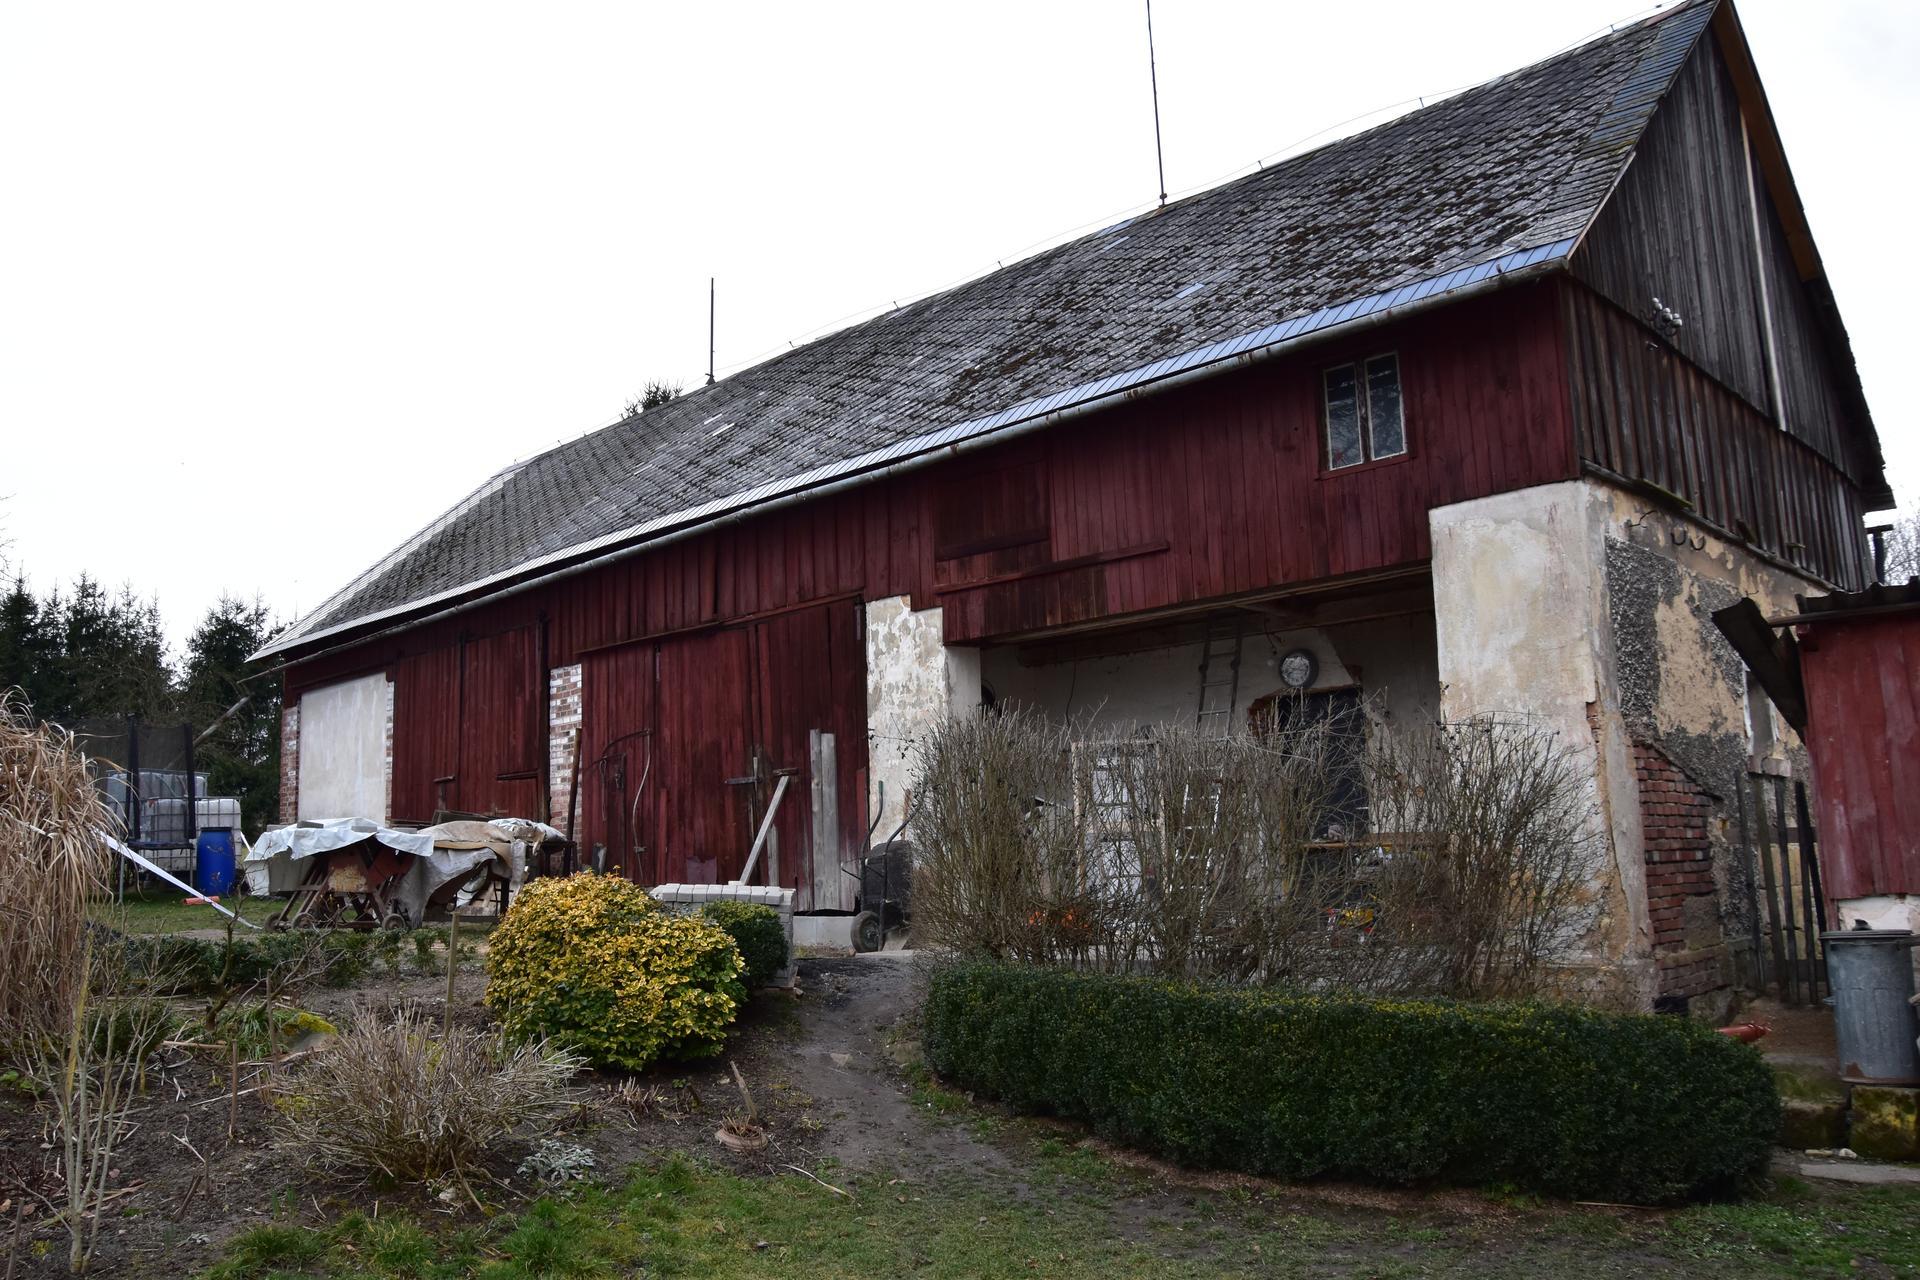 Tak dnes začínáme s přestavbou stodoly . - Obrázek č. 1